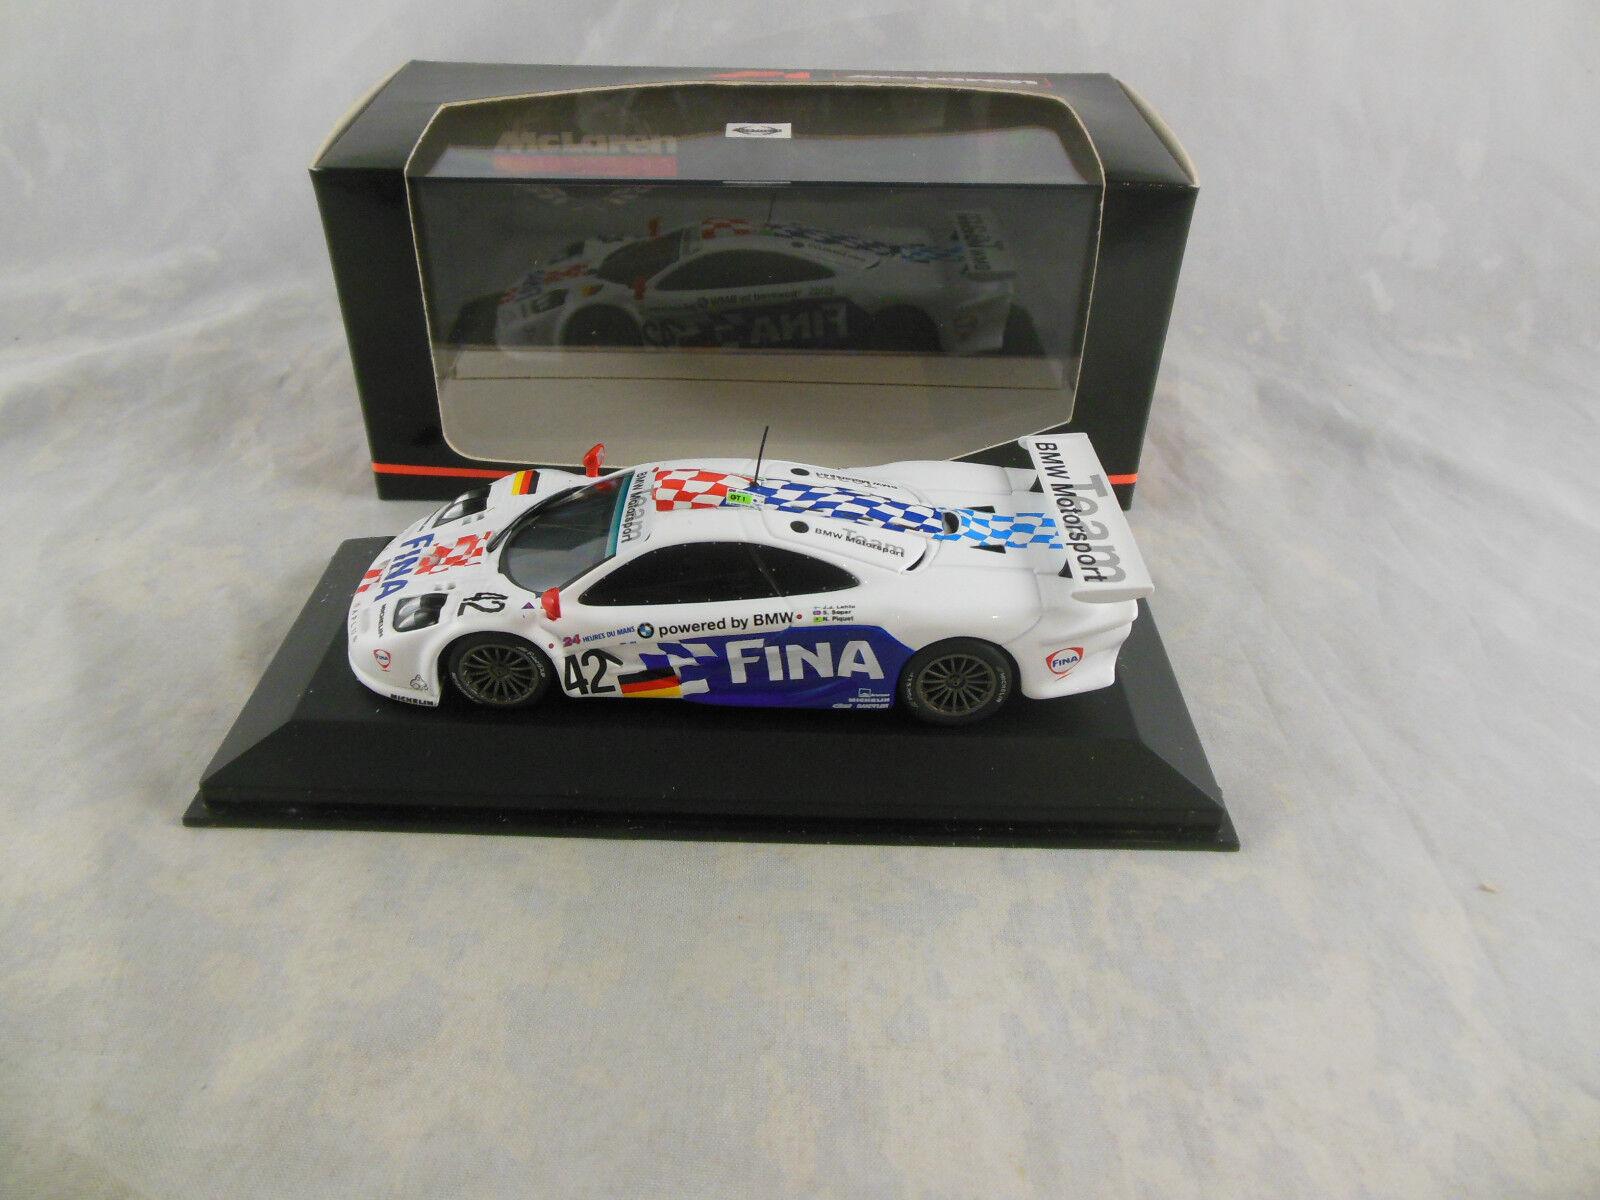 Minichamps 530 174342 McLaren F1 GTR  Le Mans 1997 Team BMW Motorsport